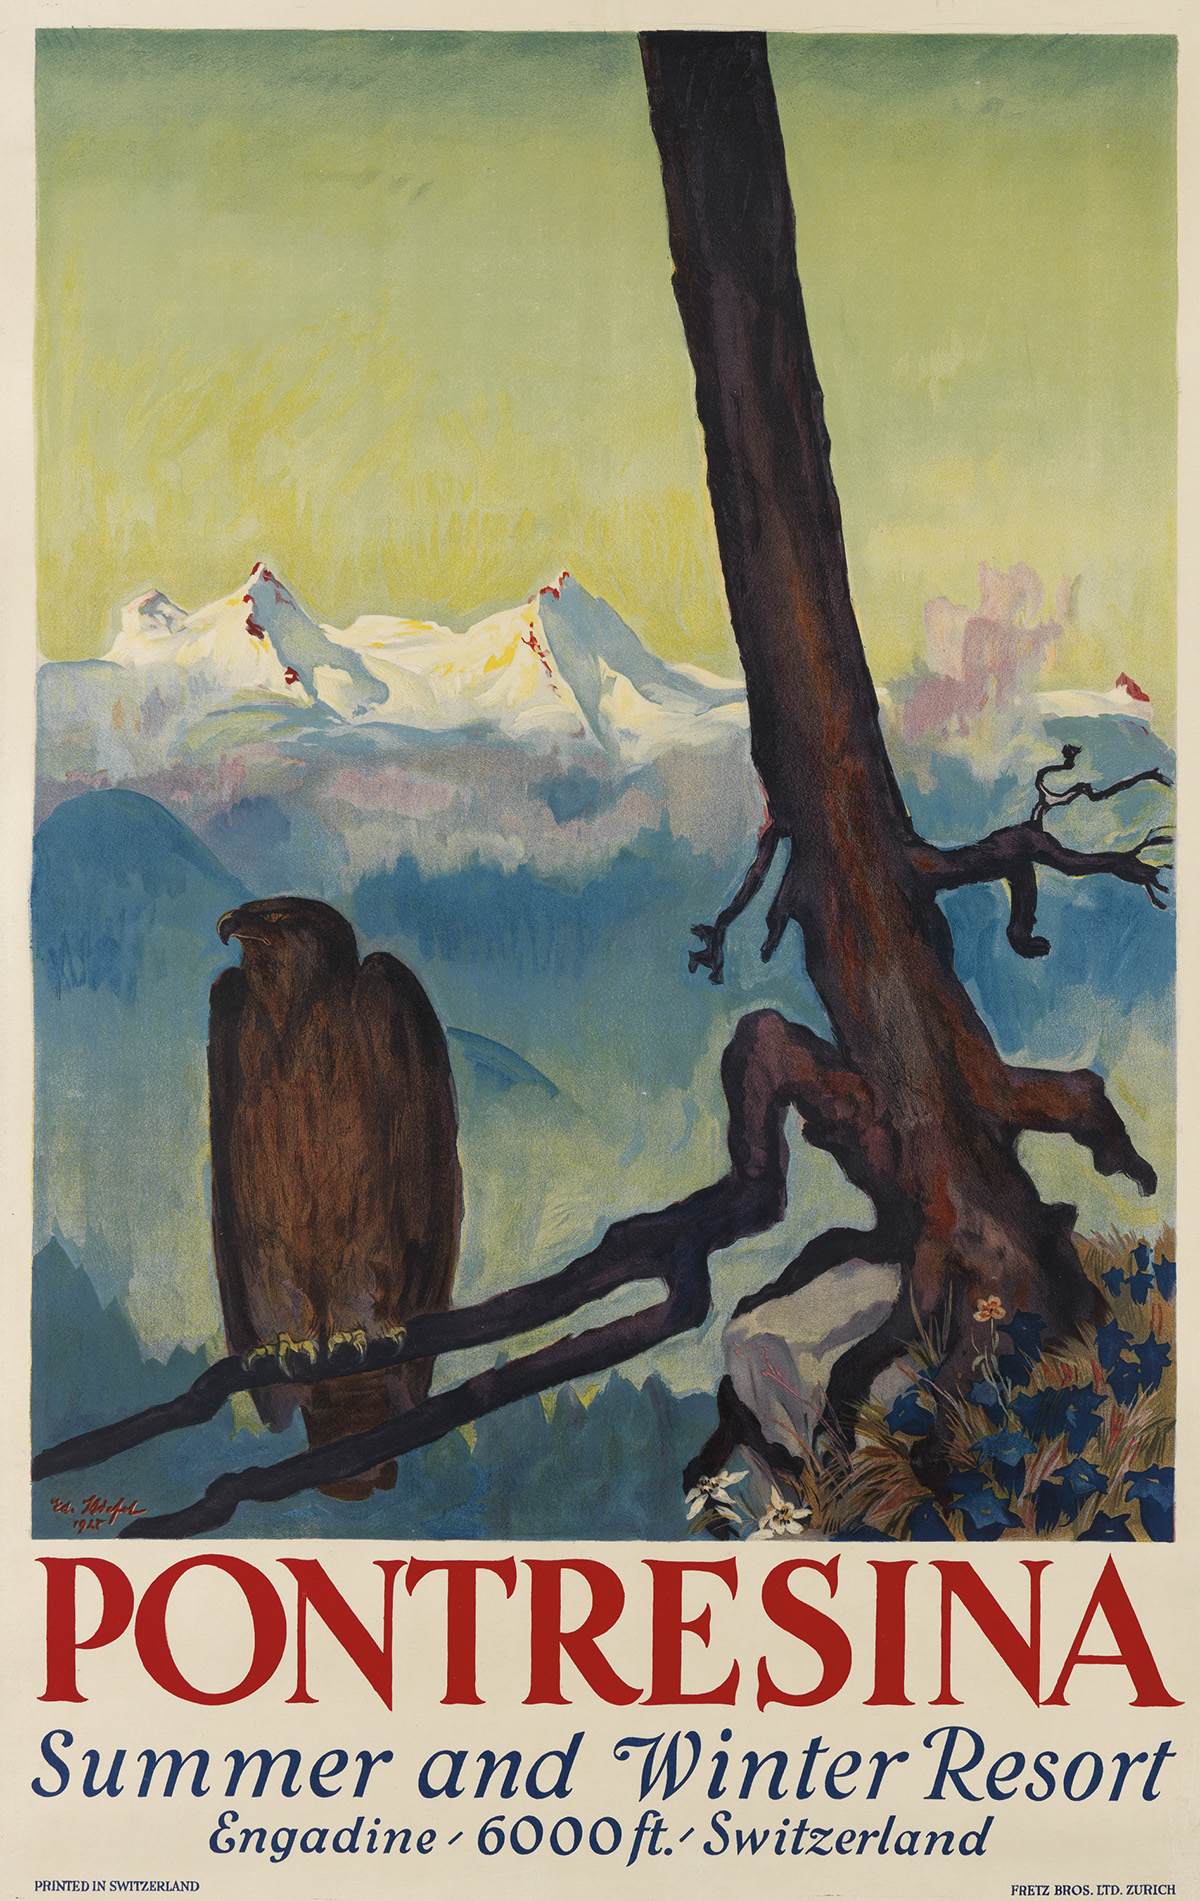 EDUARD STIEFEL (1875-1967). PONTRESINA. 1927. 39x24 inches, 100x63 cm. Fretz Bros. Ltd., Zurich.